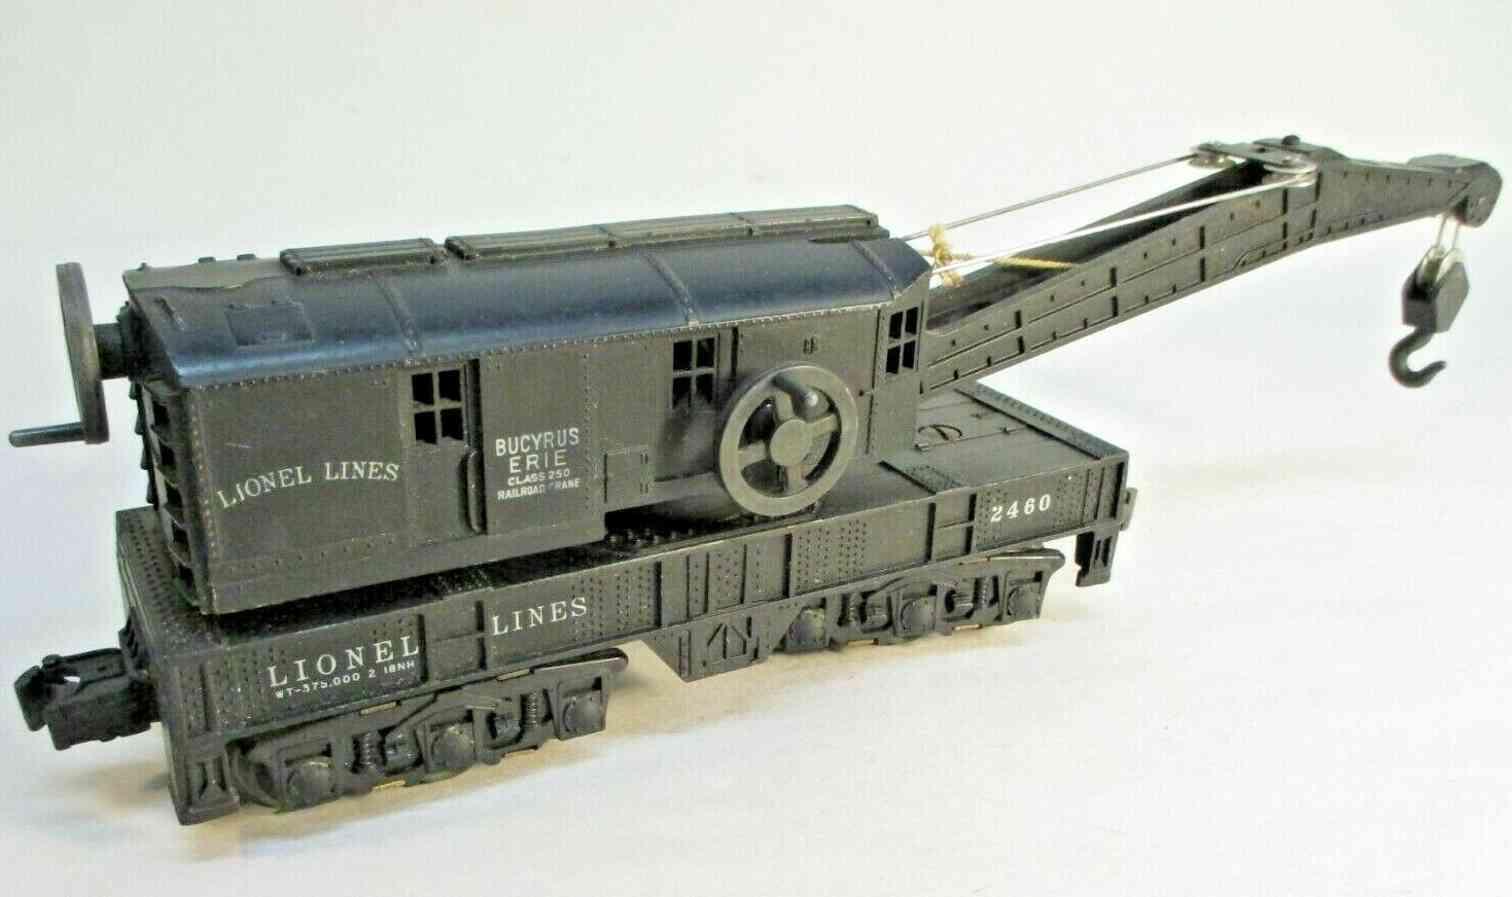 lionel 2460 railway toy bucyrus erie crane car with 12 wheels black gauge 0